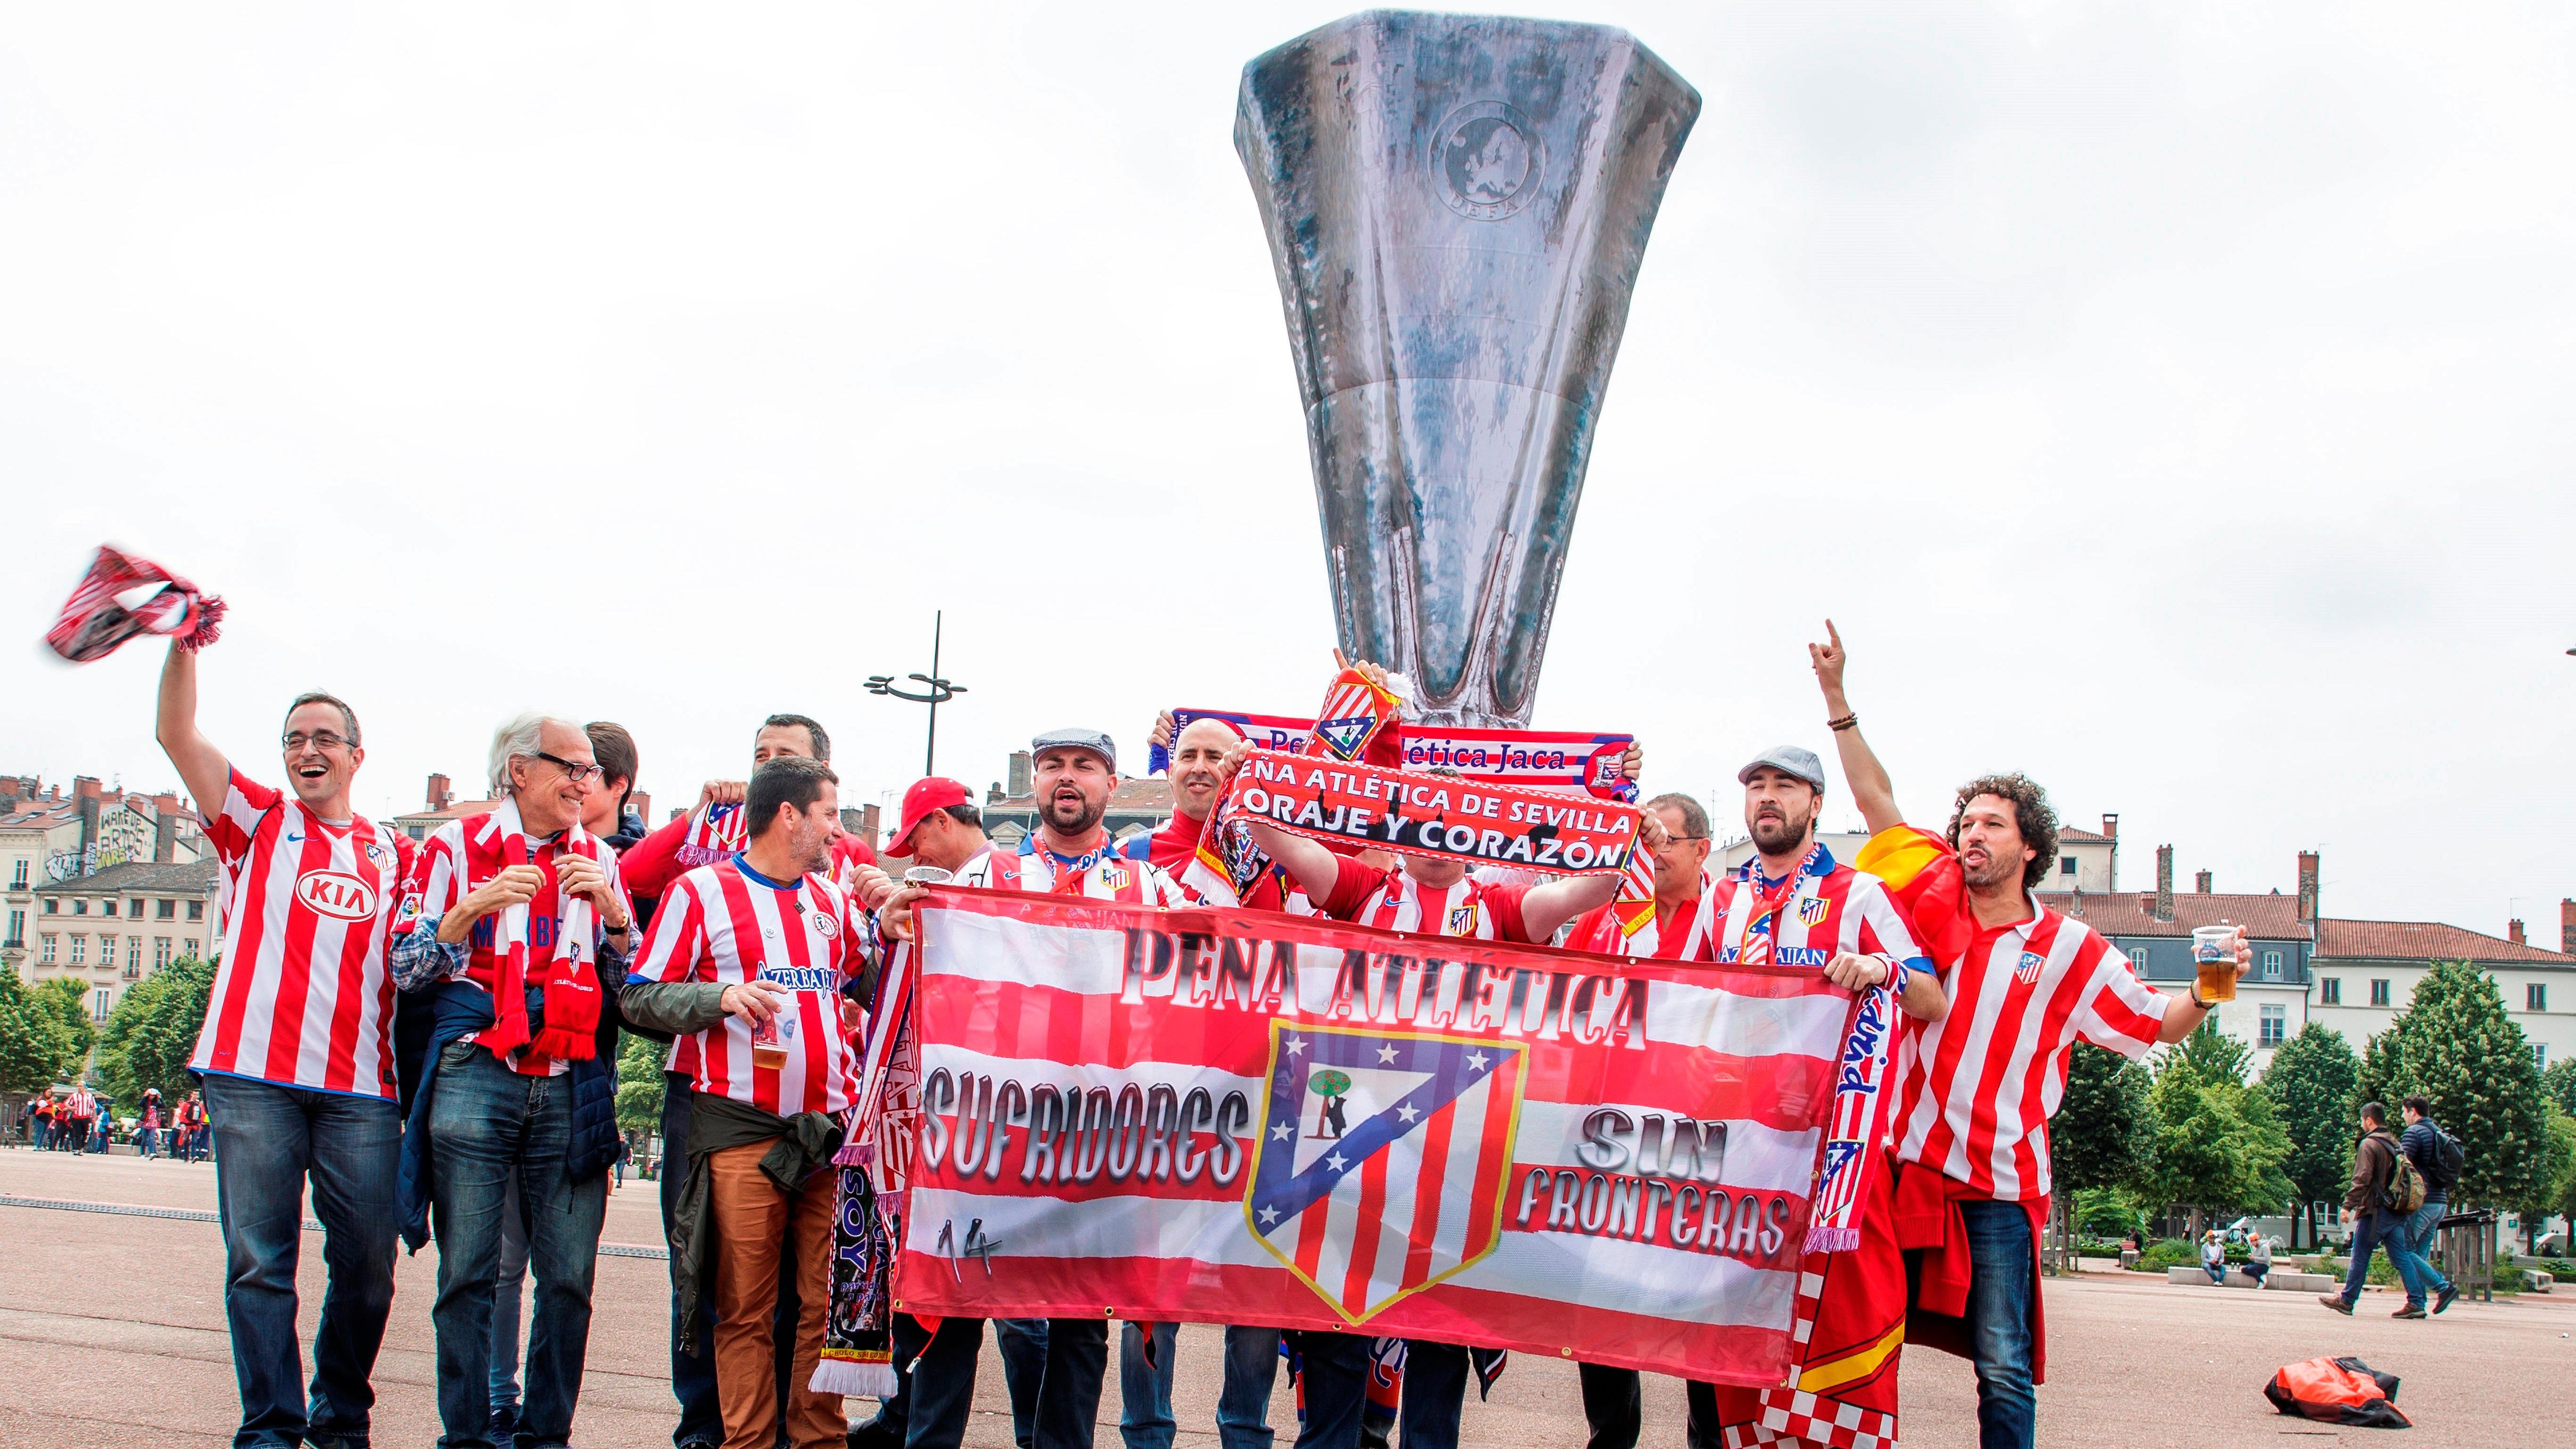 La afición del Atlético, cargada de ilusión